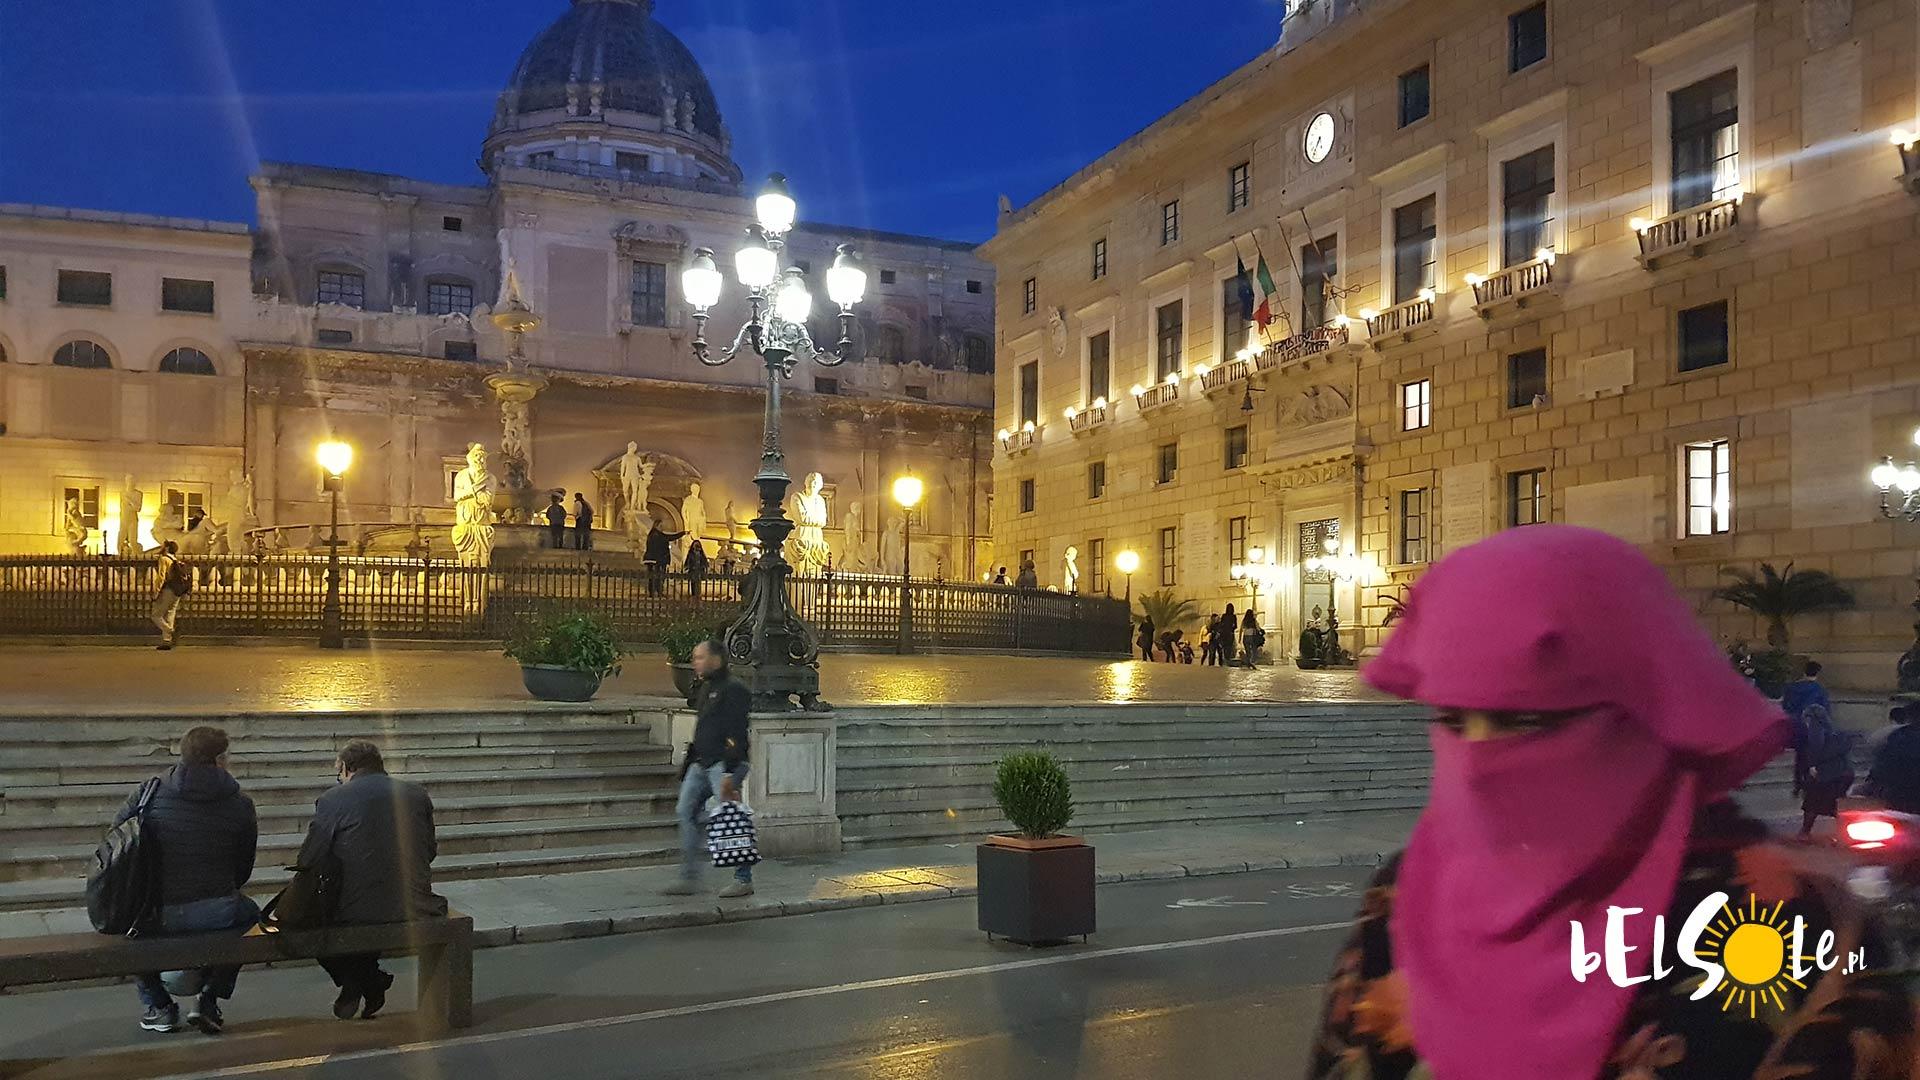 Fontanna Pretoria, Fontana Wstydu w Palermo